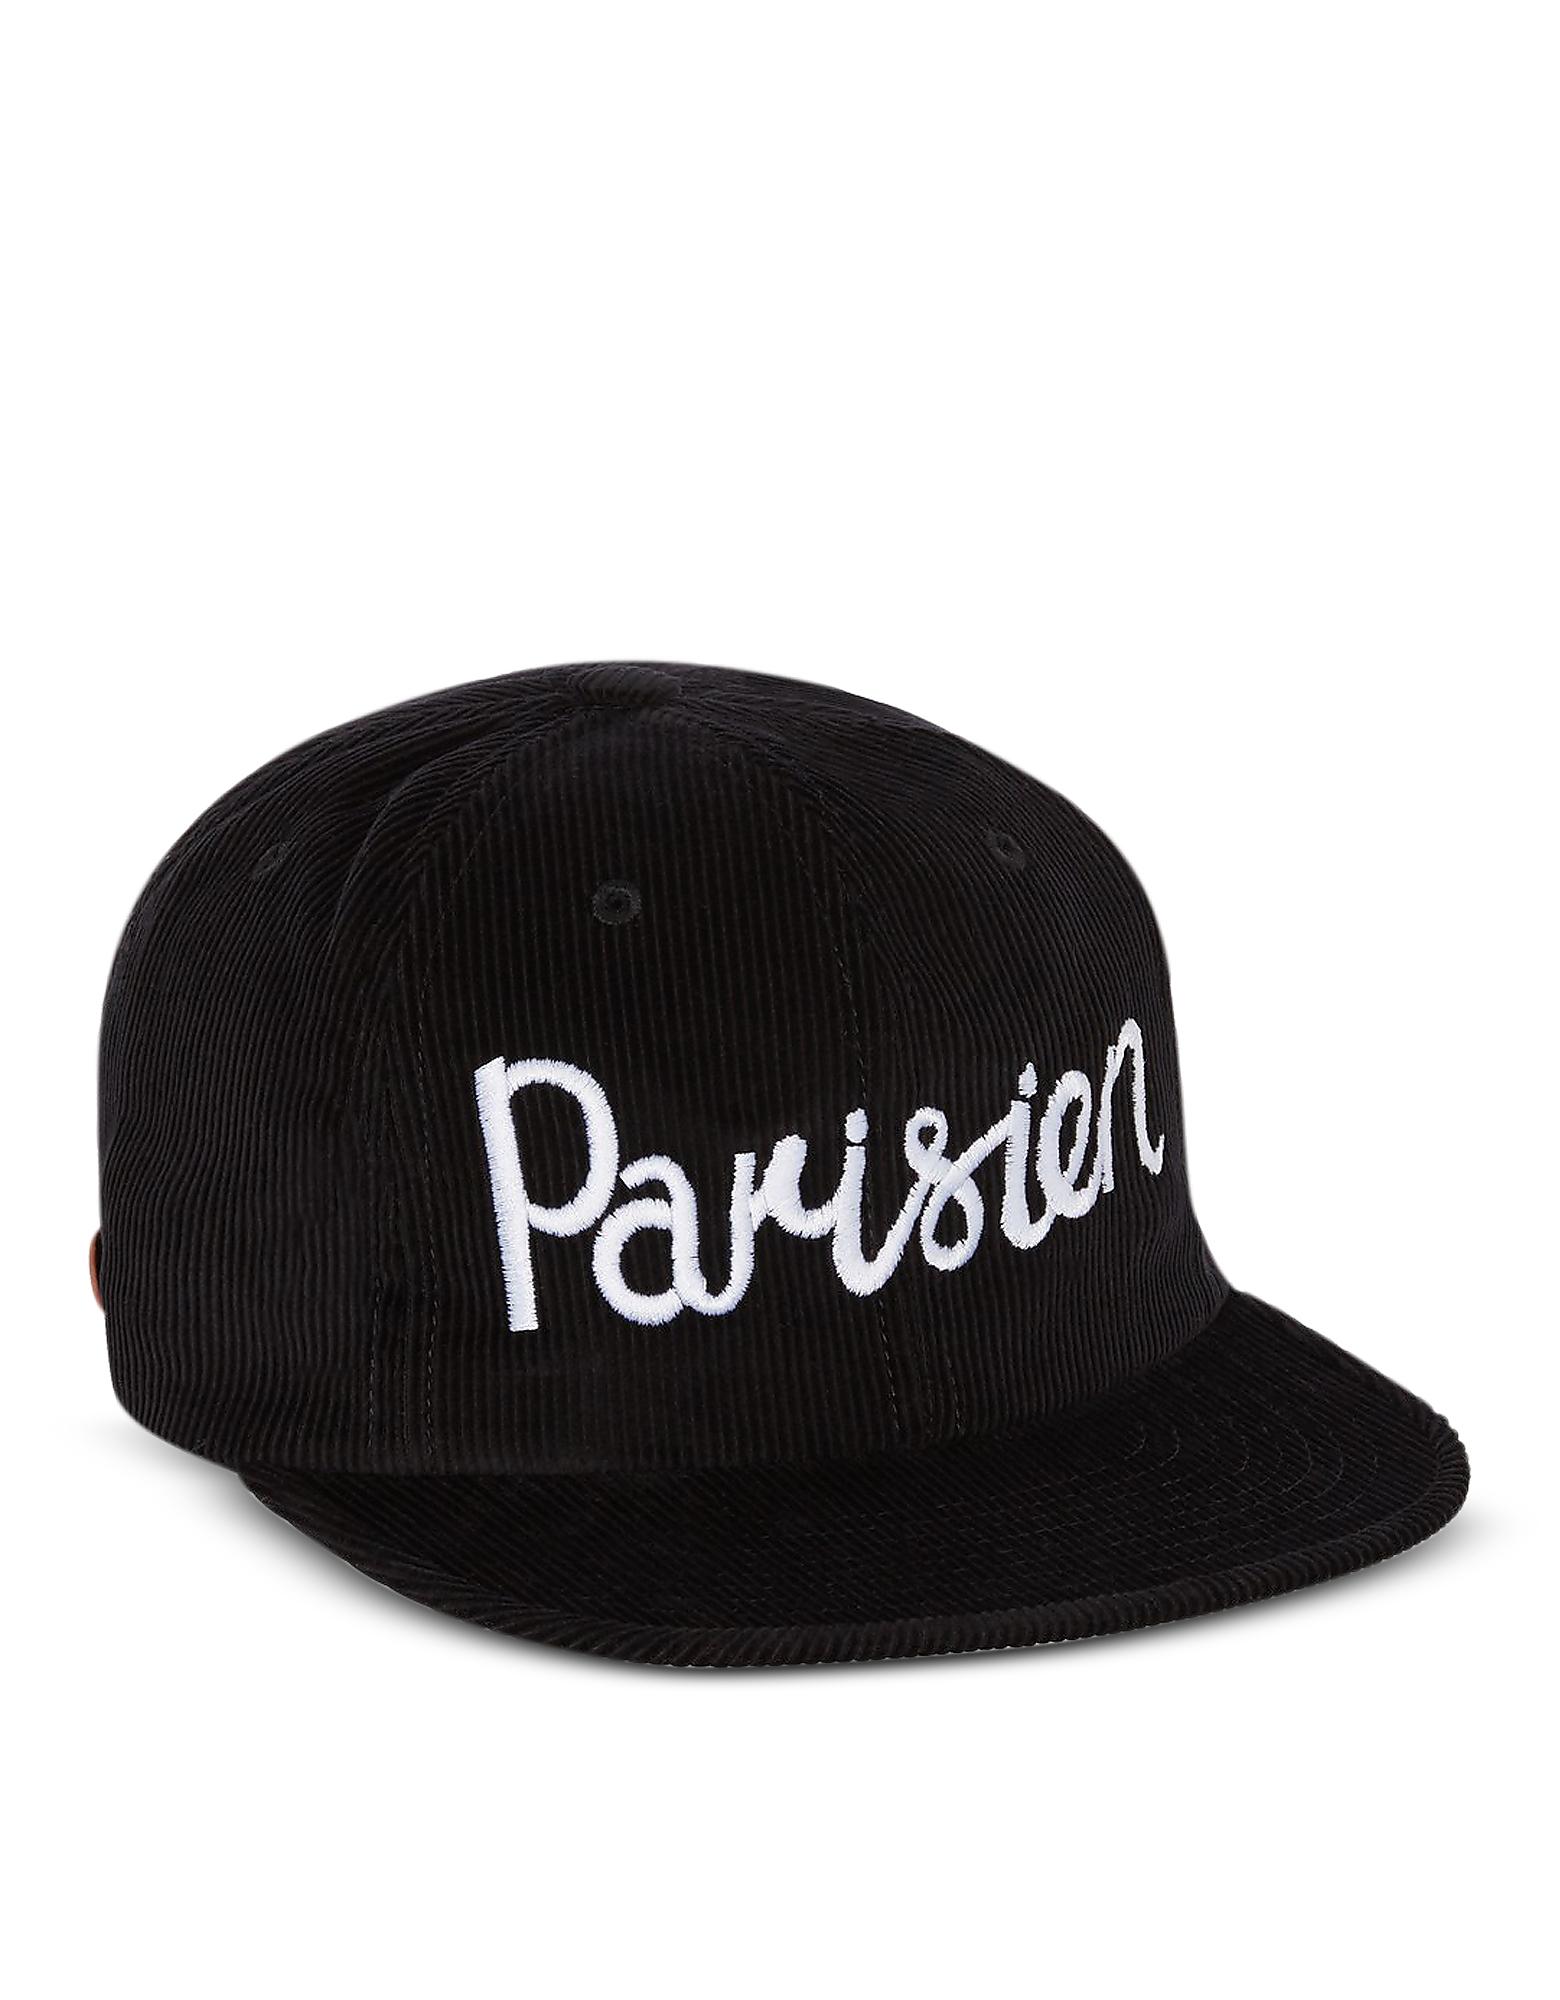 Image of Maison Kitsuné Designer Men's Hats, Corduroy Parisien Black Baseball Cap